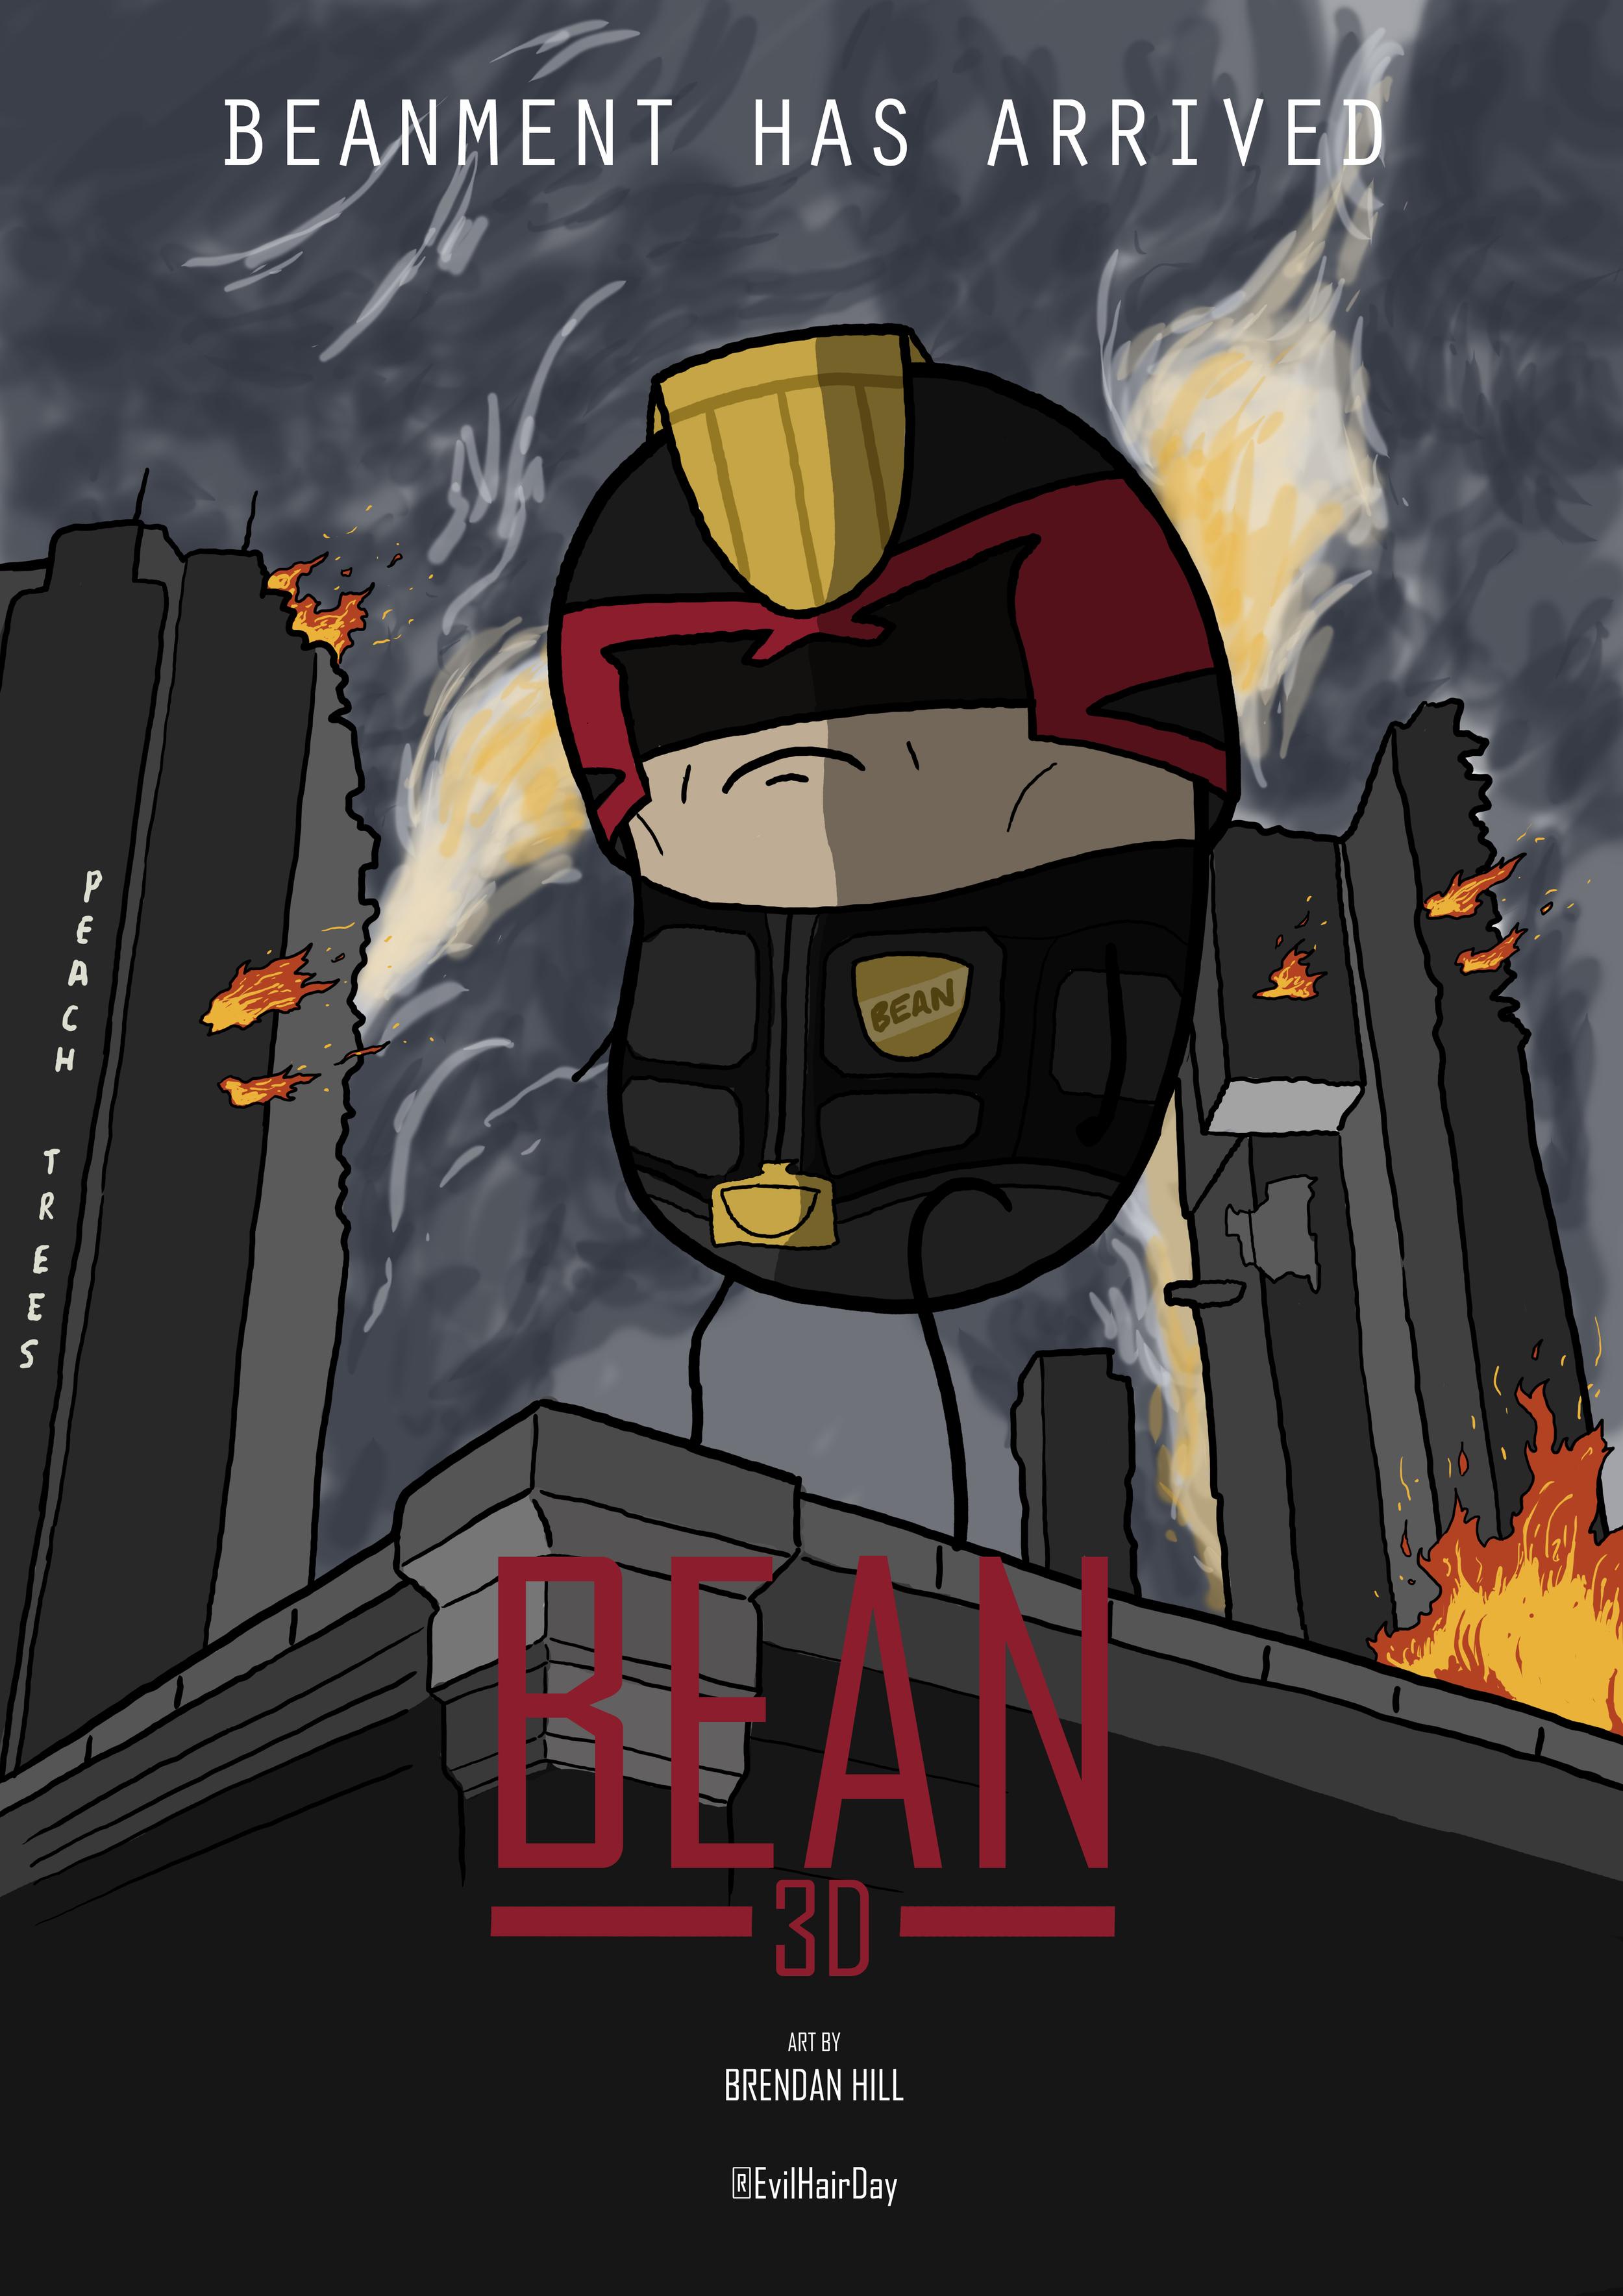 dredd bean poster.jpg